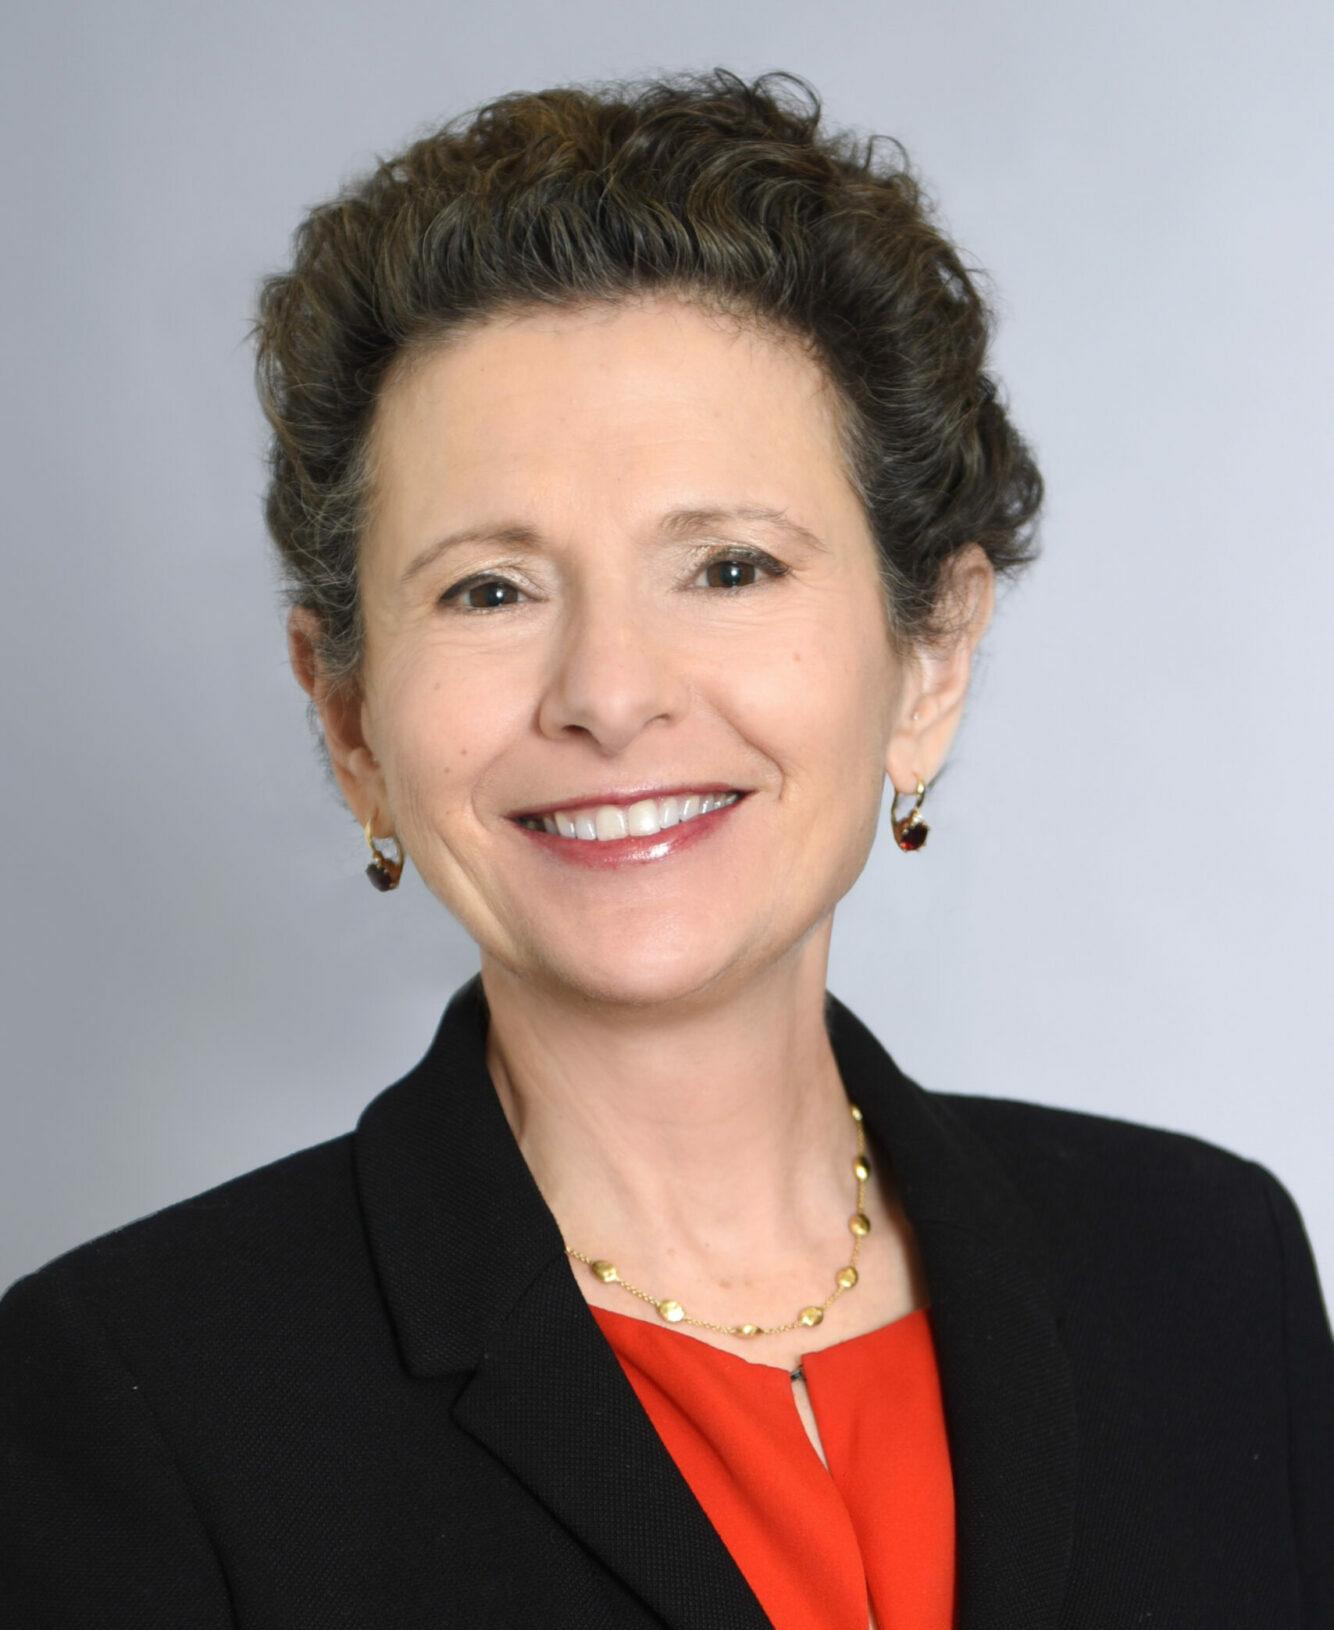 Tamara A. Mitchel